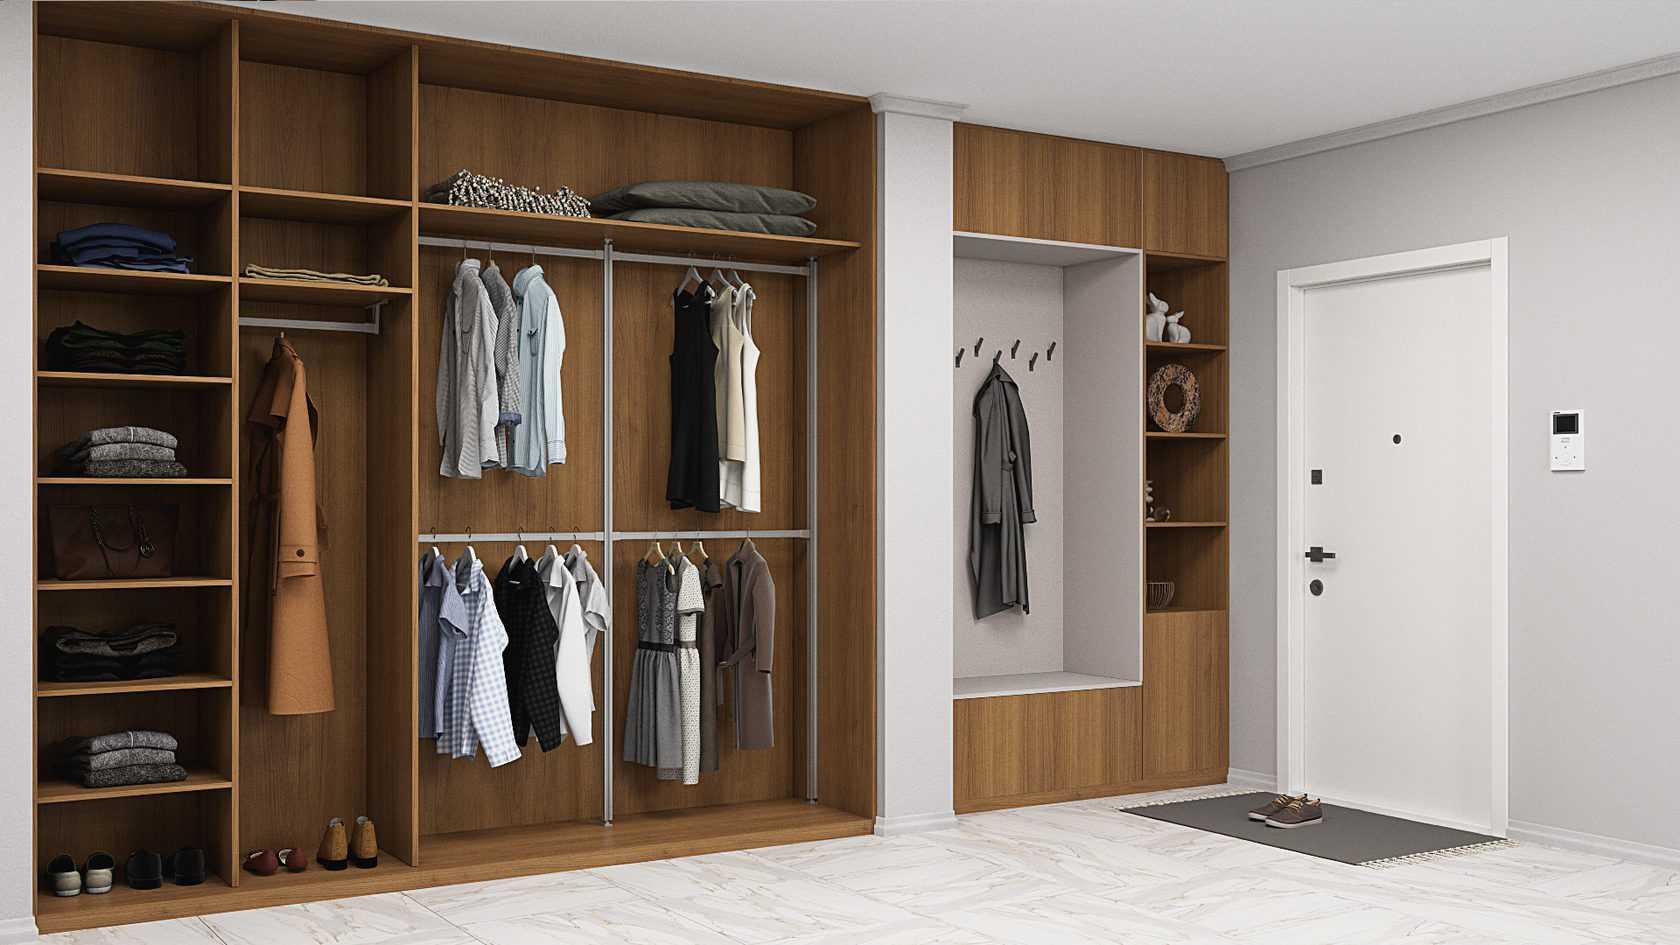 Как выбрать шкаф-купе правильно: рекомендации (советы) дизайнера